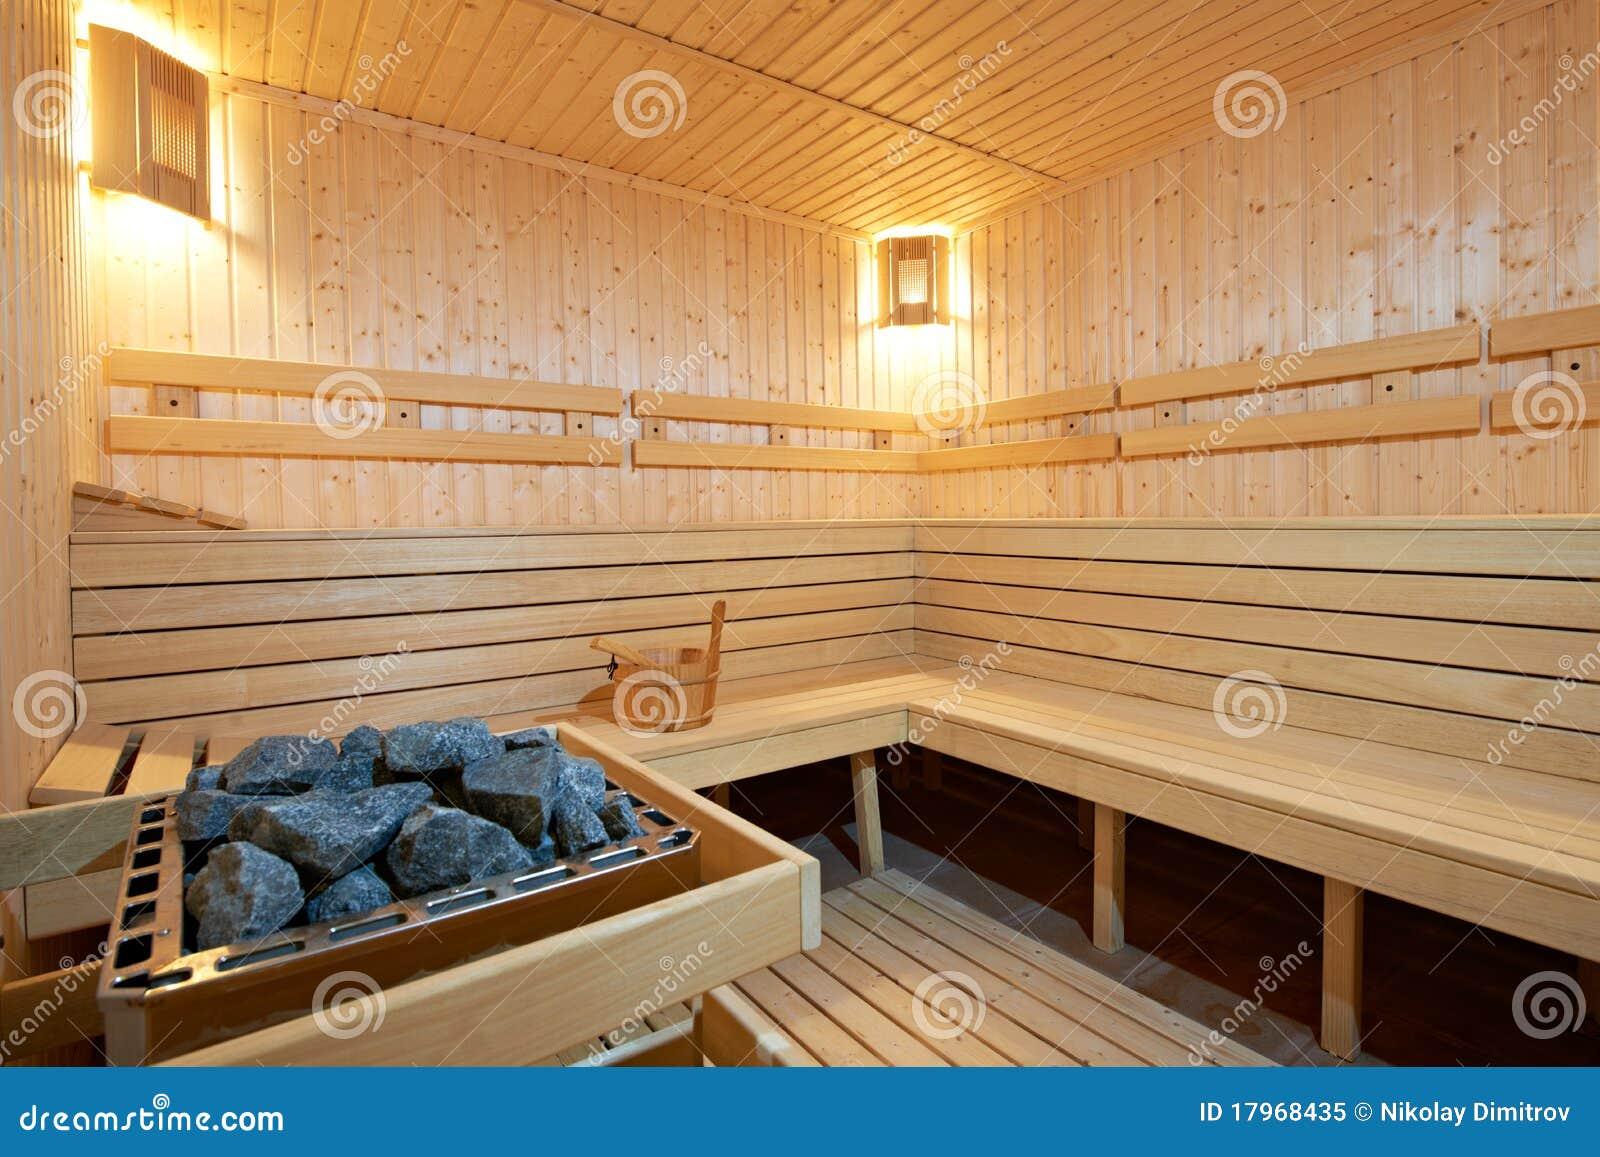 Шведские бани фото 25 фотография